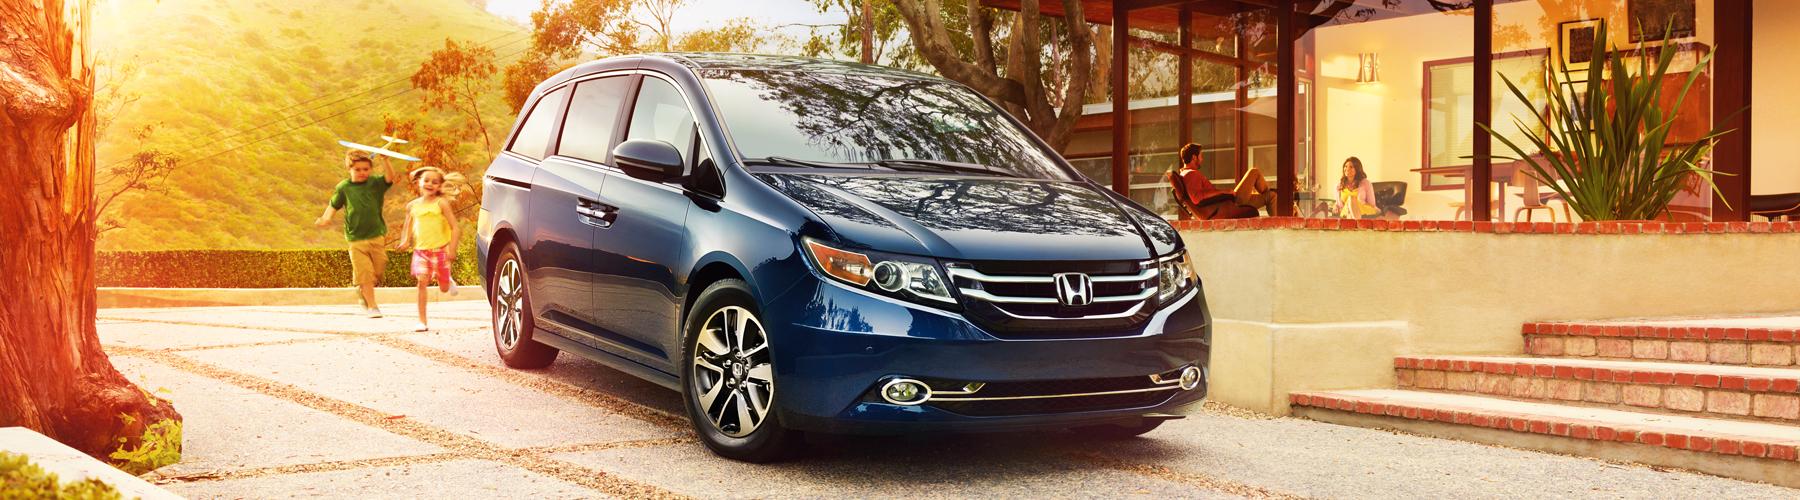 2016-Honda-Odyssey-Jellybean